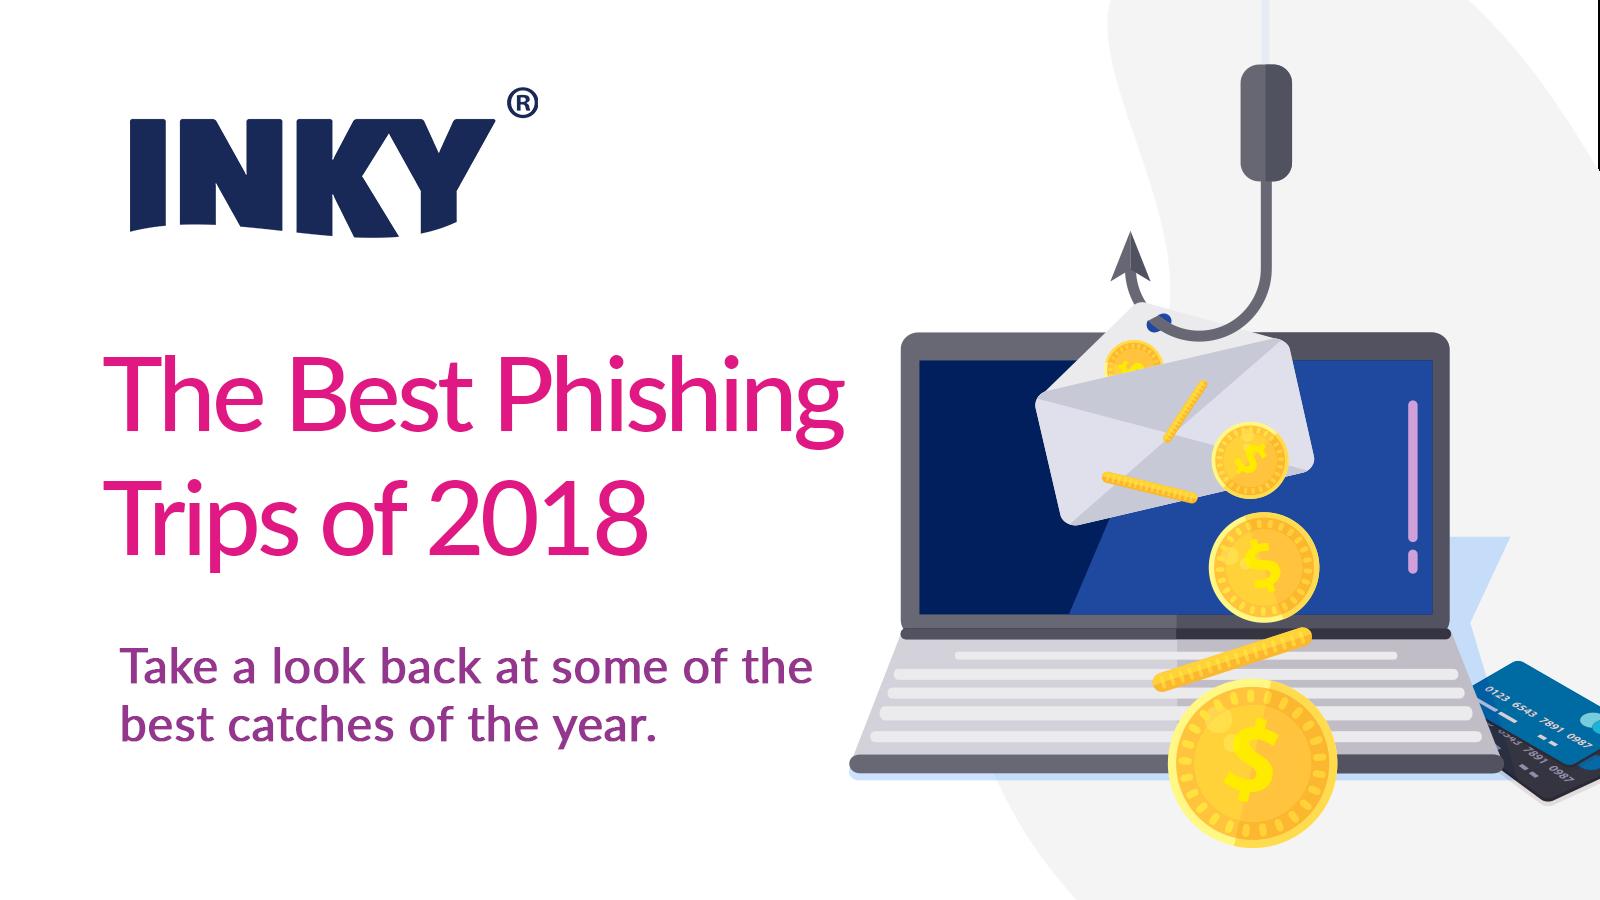 Best Phishing Trips Blog Graphic